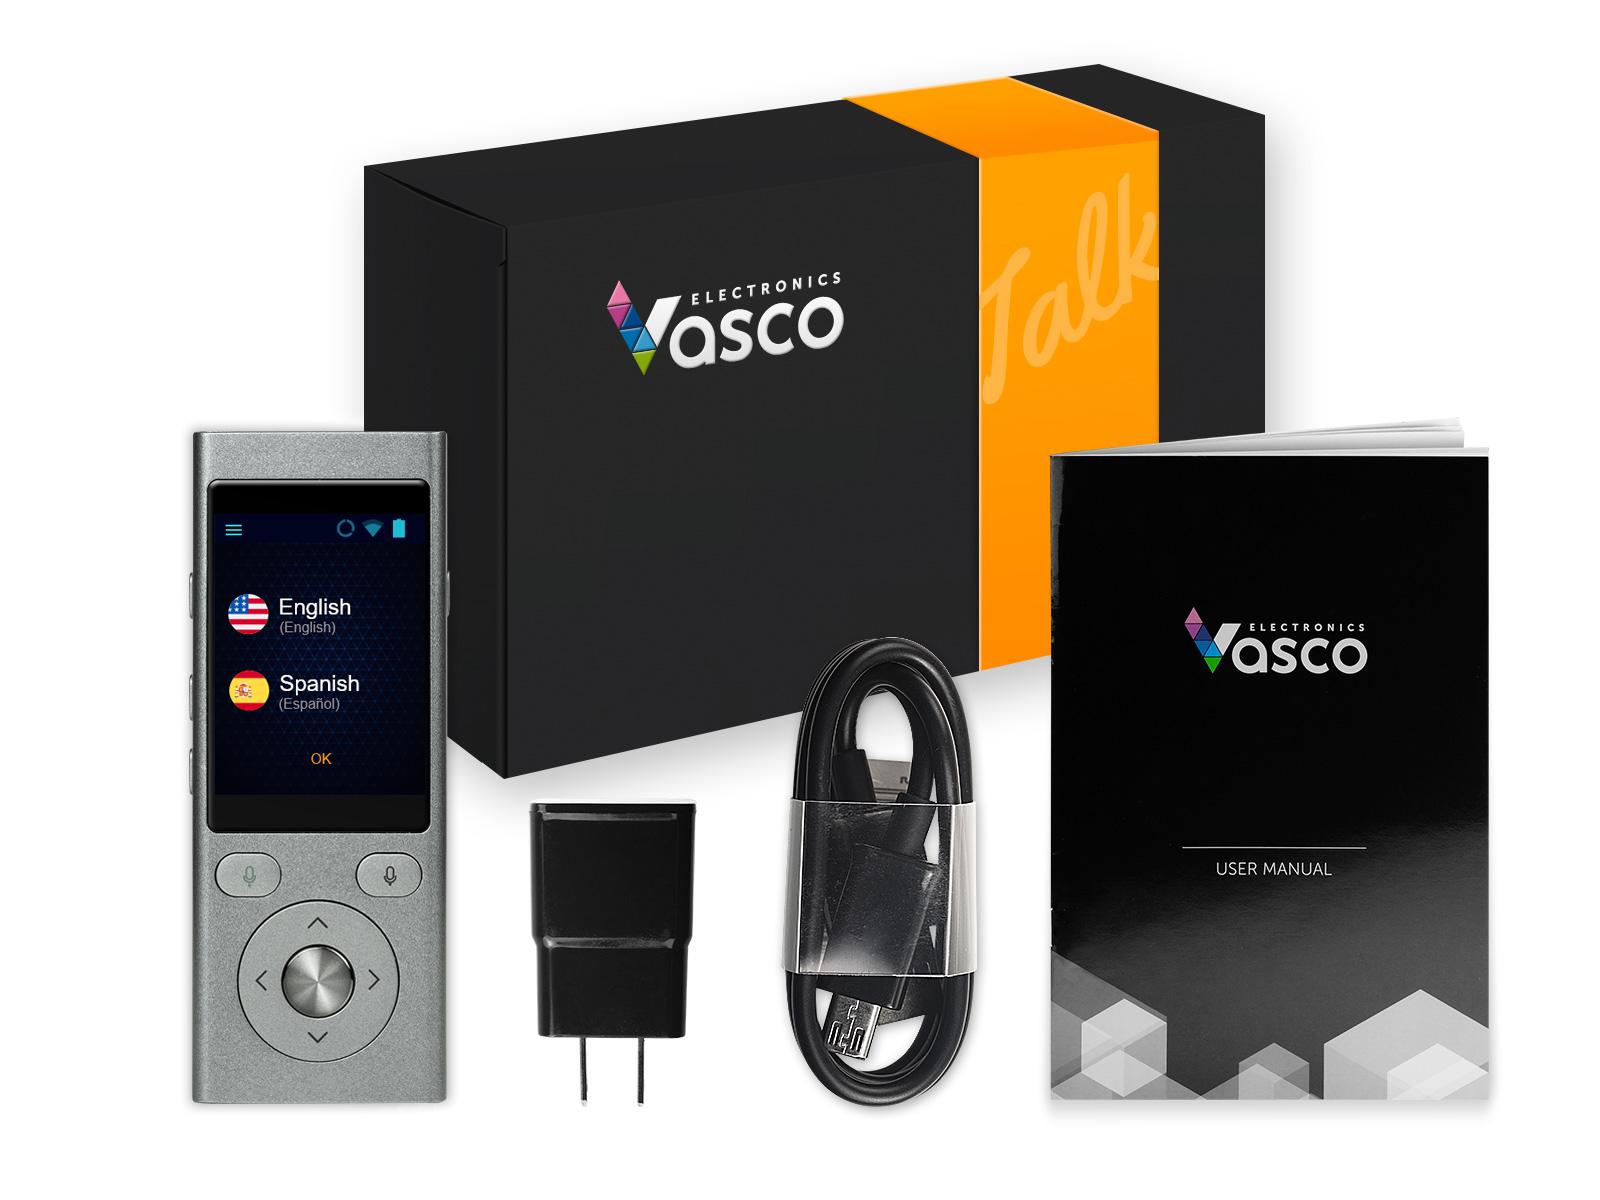 Vasco Mini2 set